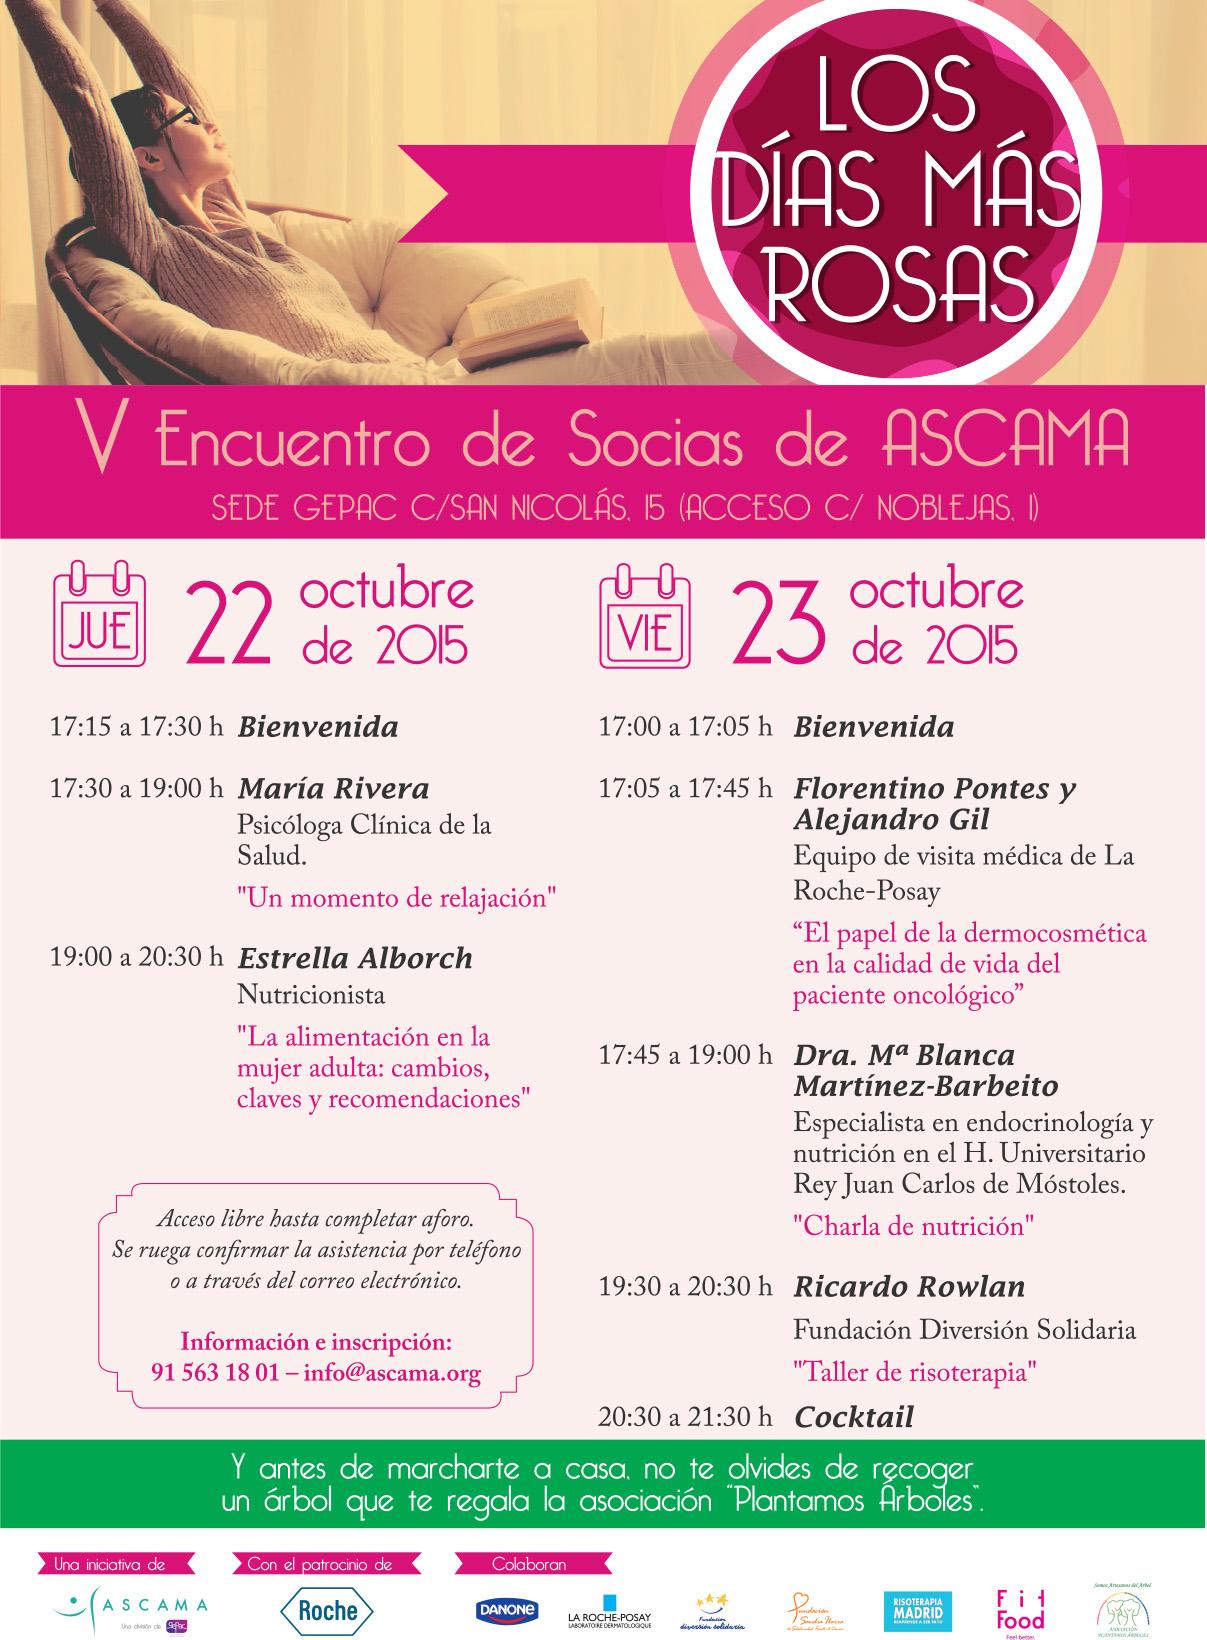 cartel-los-dias-mas-rosas-2015